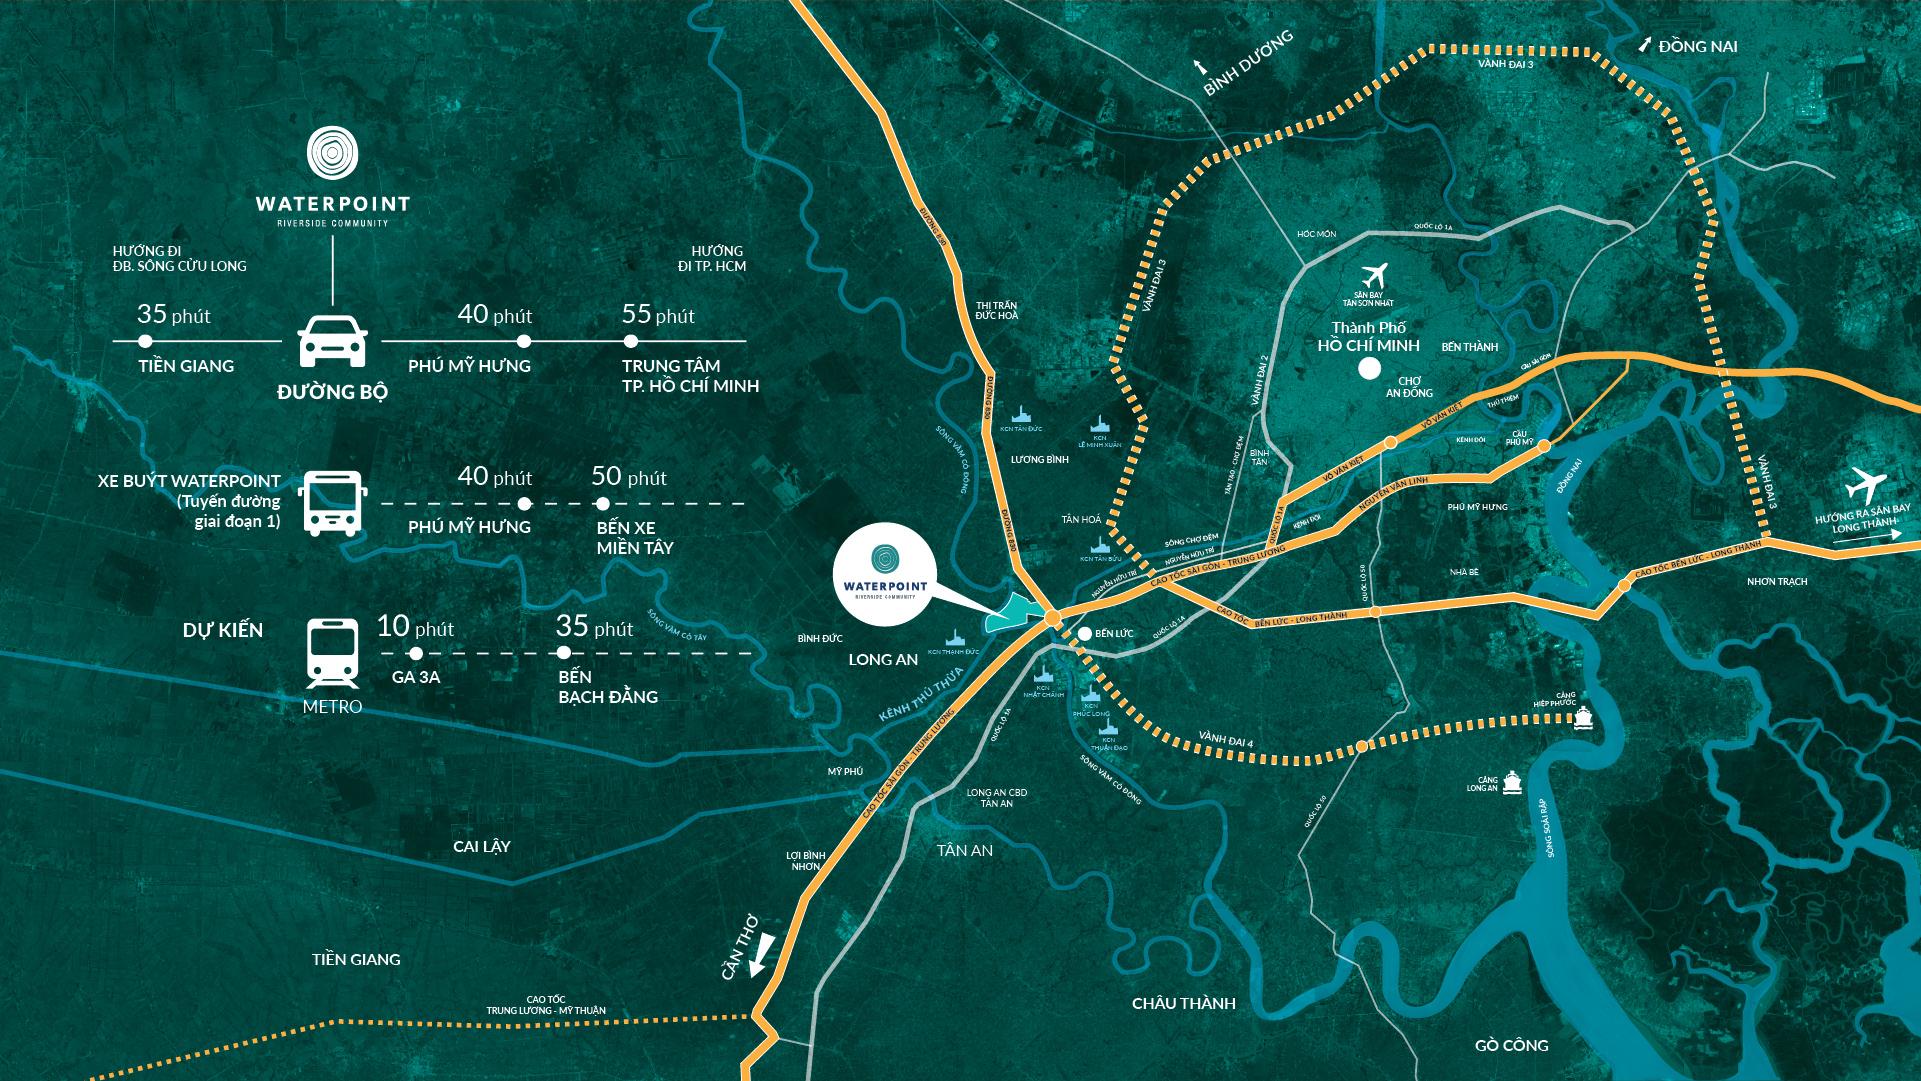 Vị tris dự án Waterpoint Nam Long